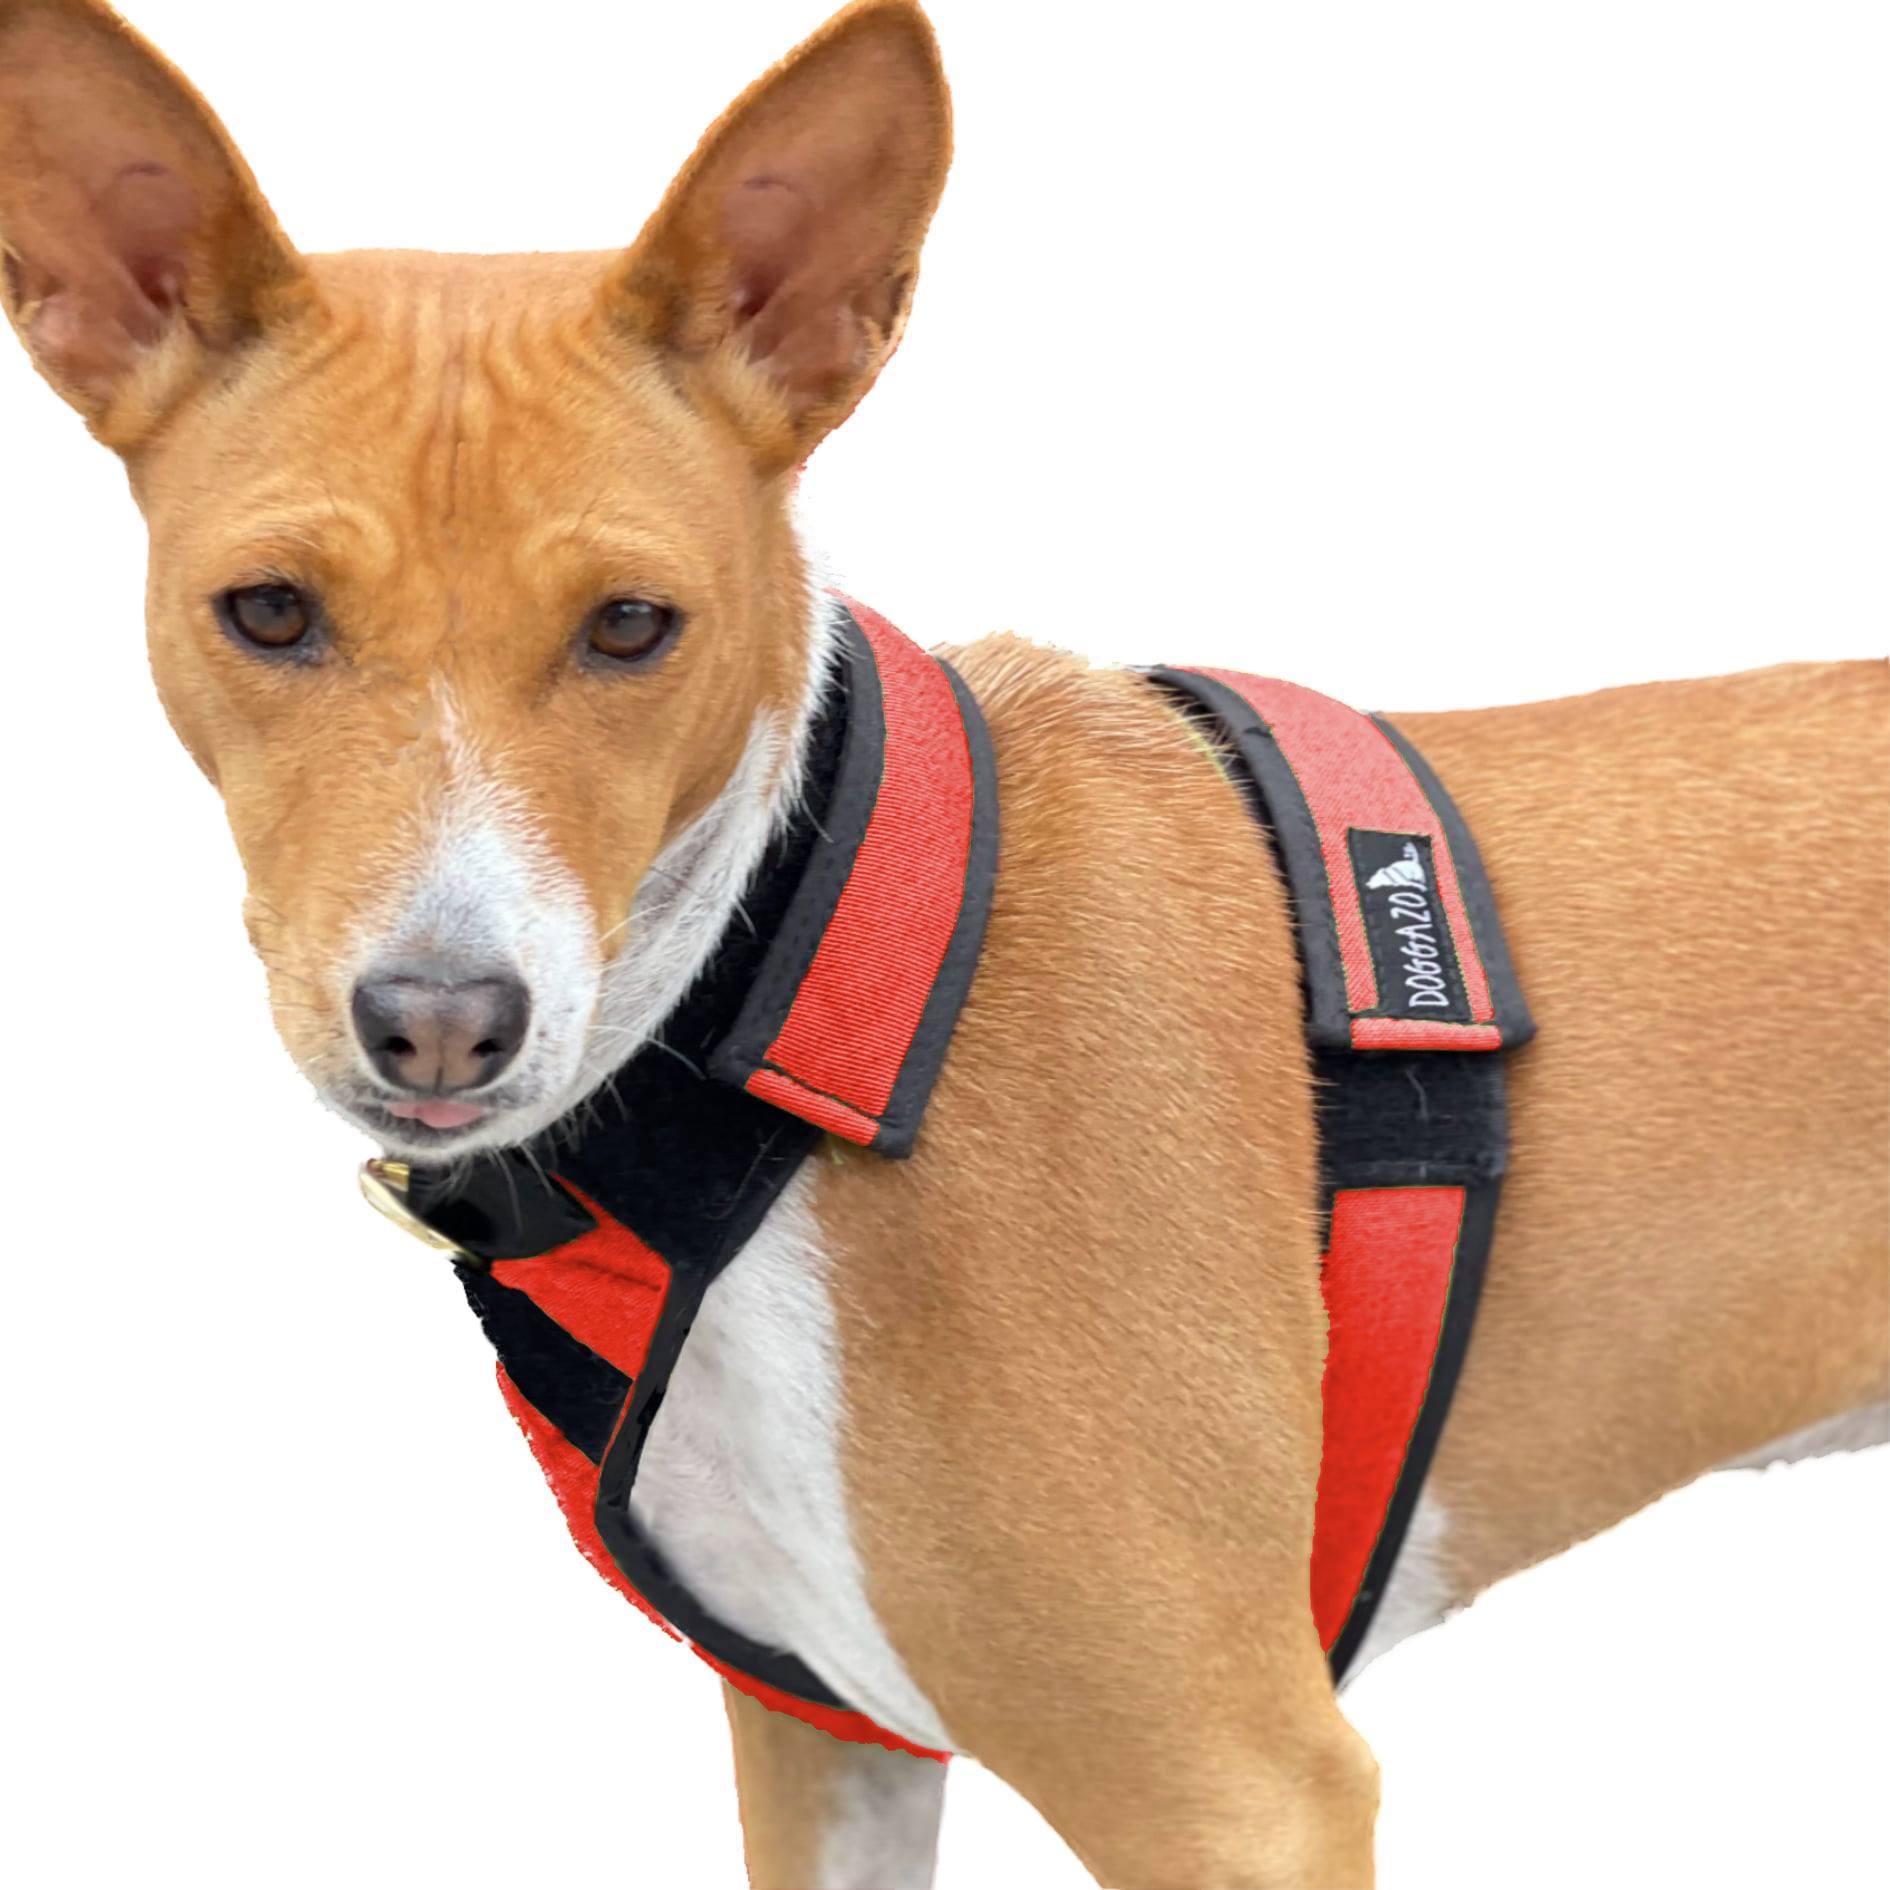 Red Whoa Dog Whoa Harness - side